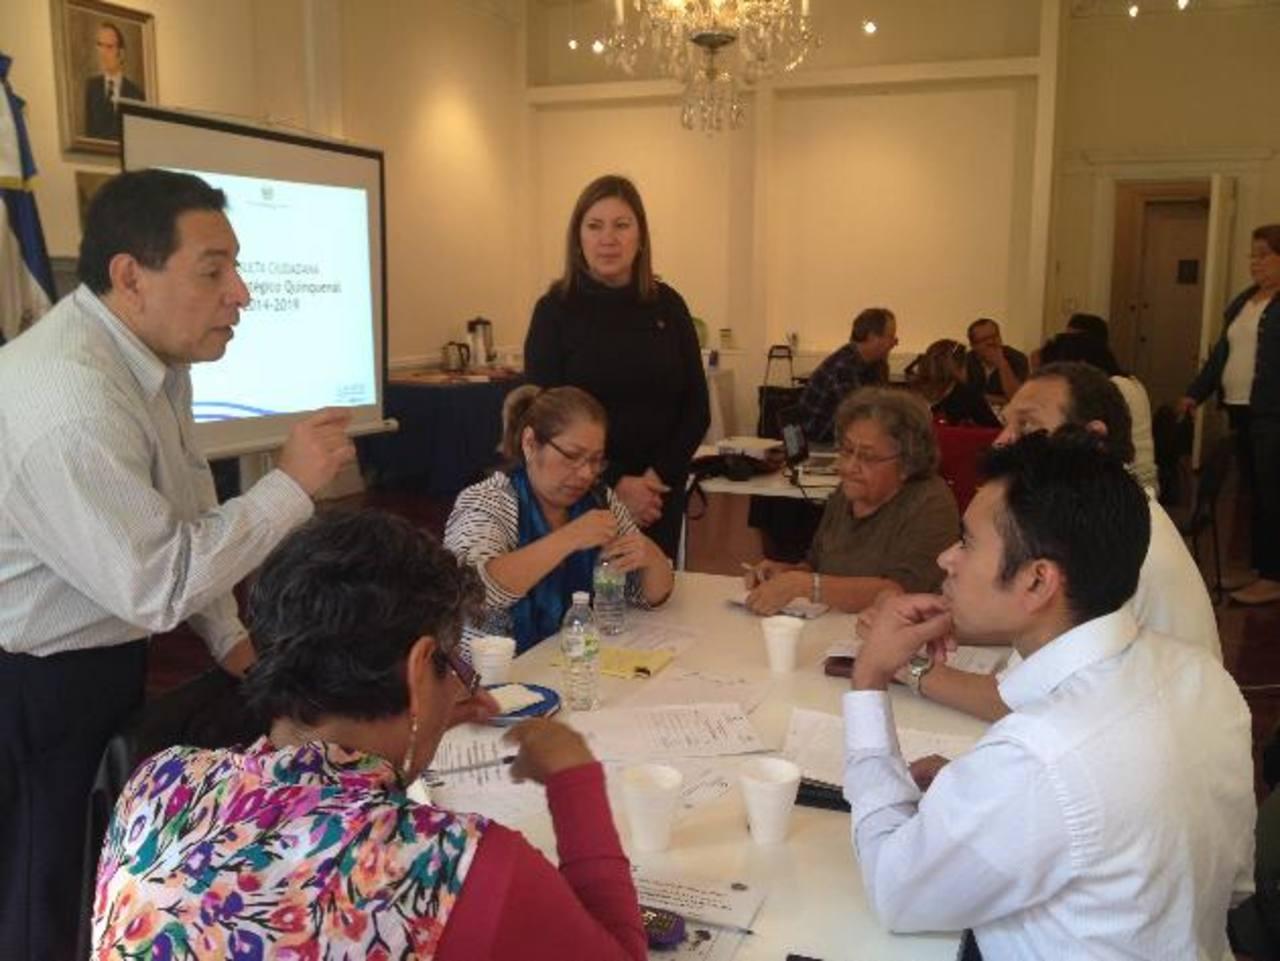 La cónsul general salvadoreña en Manhattan, Sandra Flores, y el cónsul Pedro Sánchez (izquierda) orientan la discusión en una de las mesas de trabajo de la consulta ciudadana del Plan Quinquenal del Gobierno, a la cual asistieron compatriotas residen